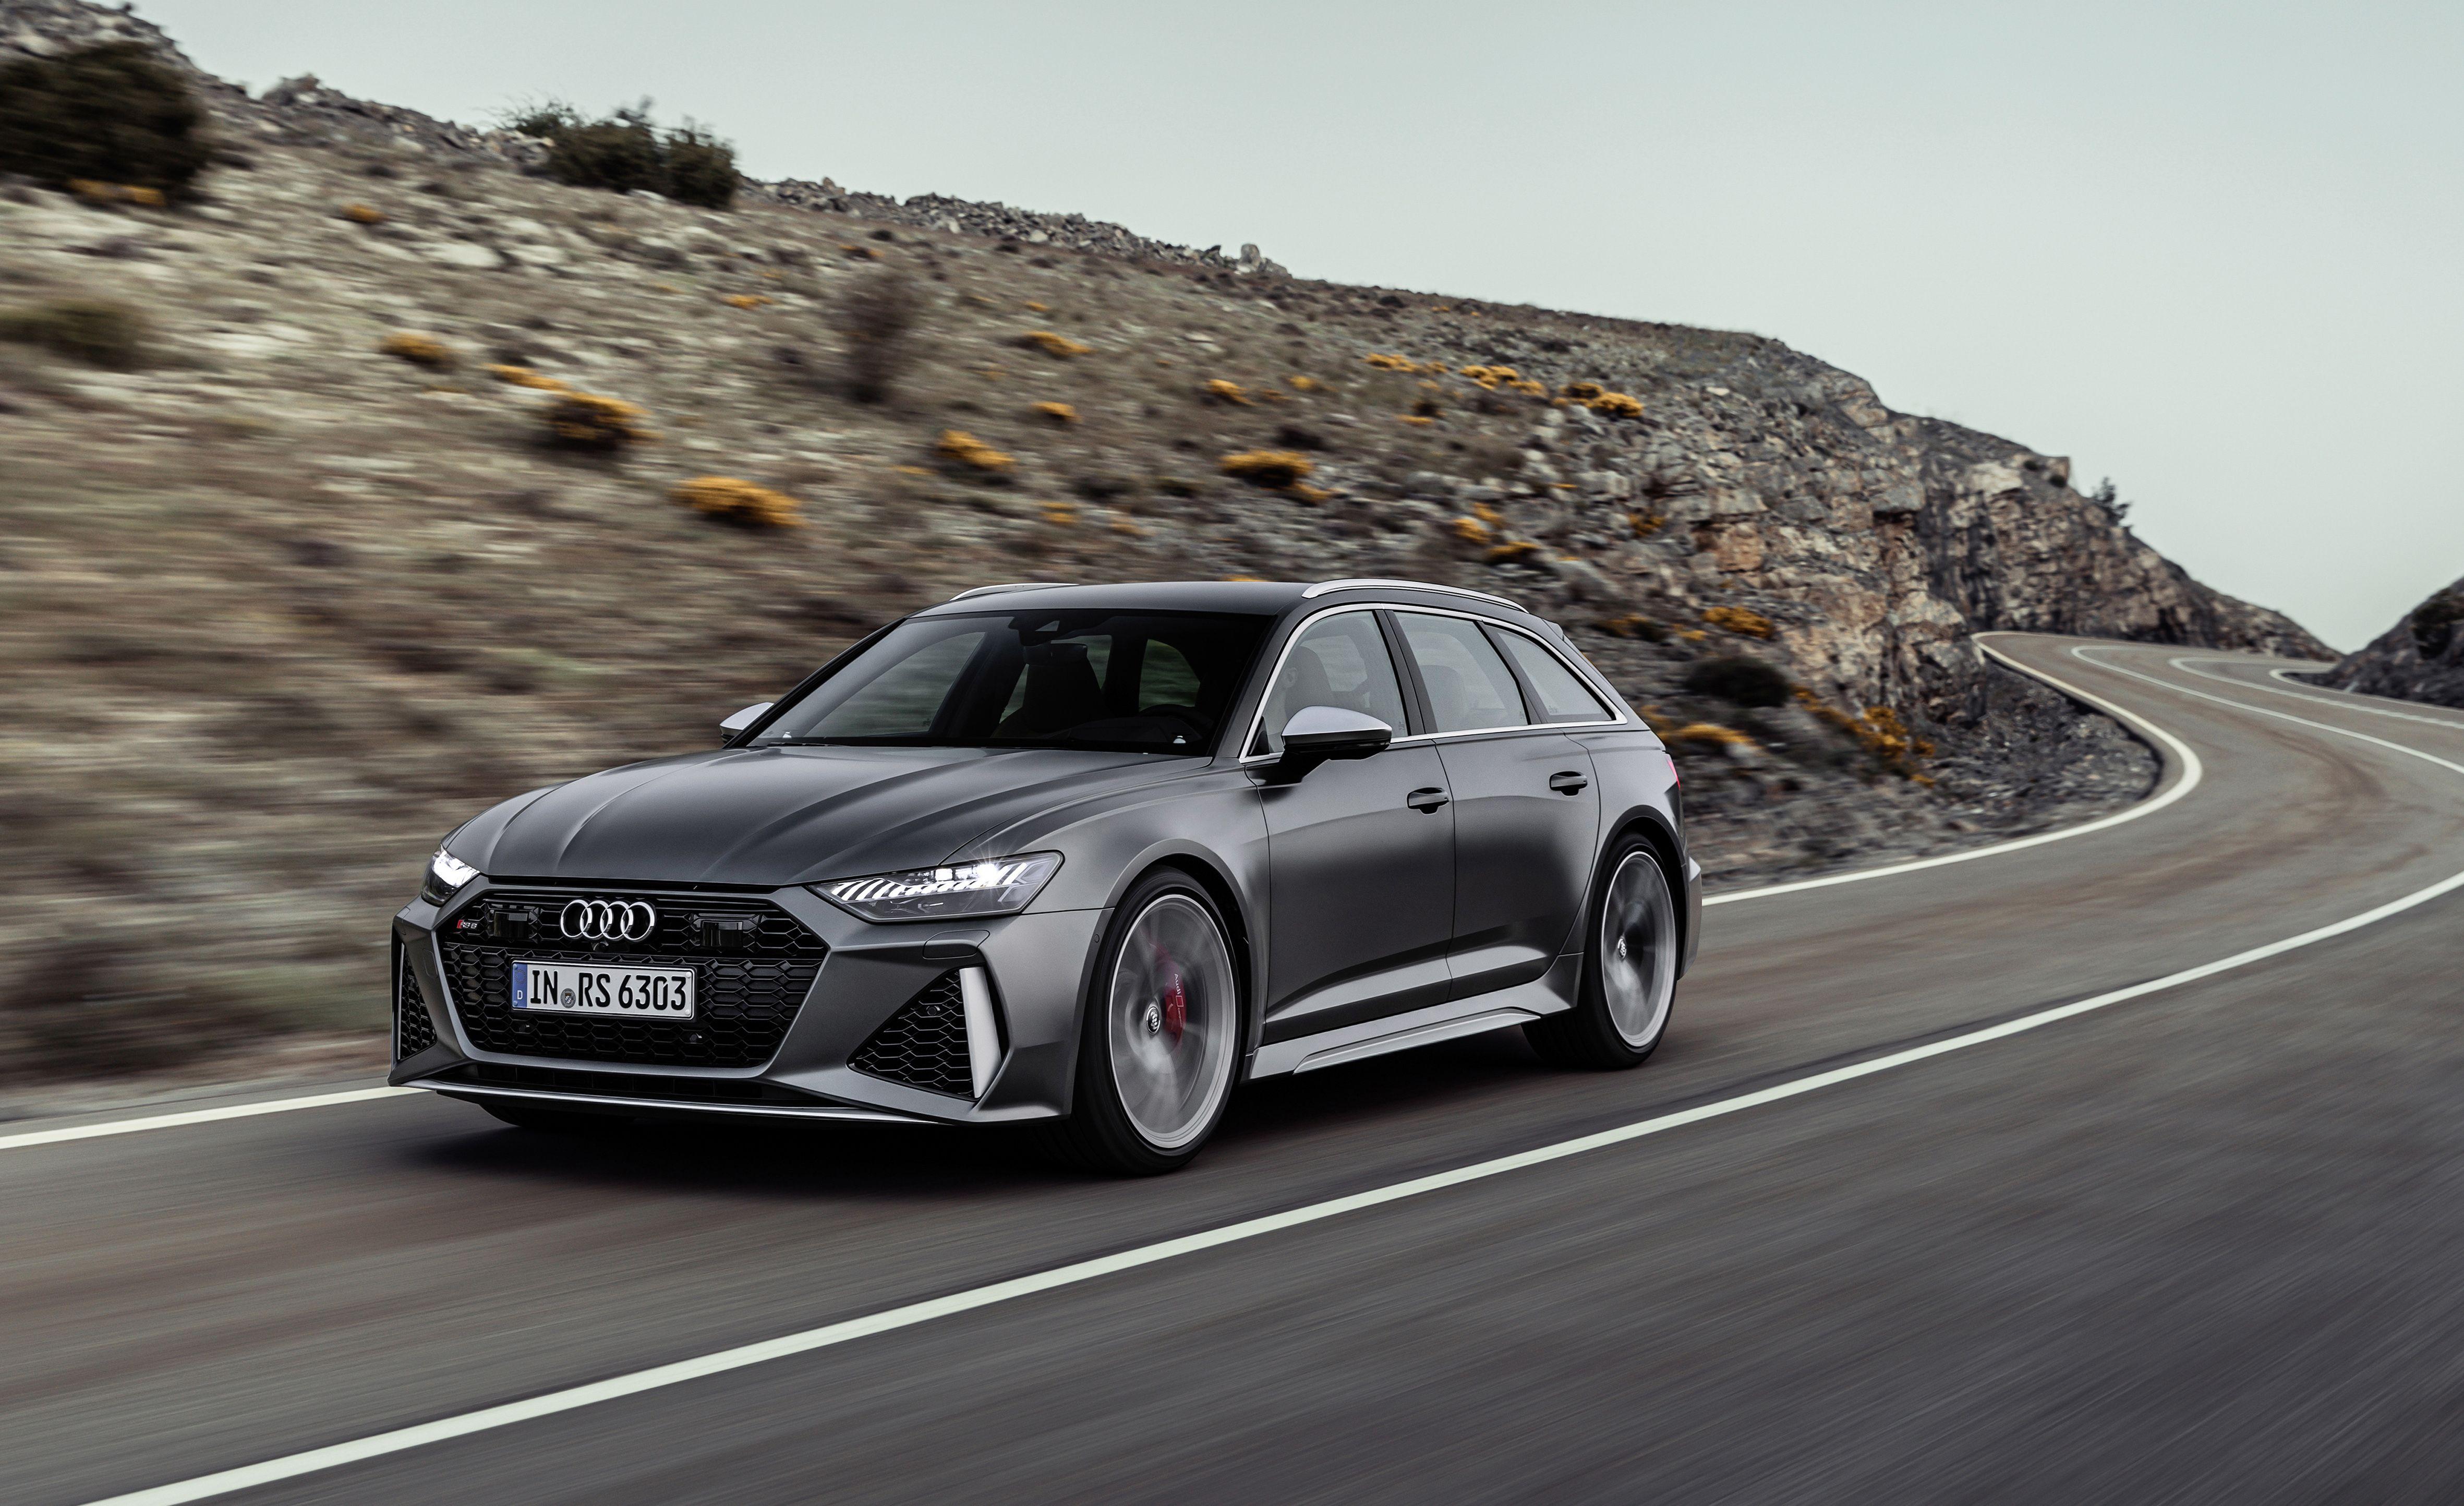 Kekurangan Audi Rs6 Avant Harga